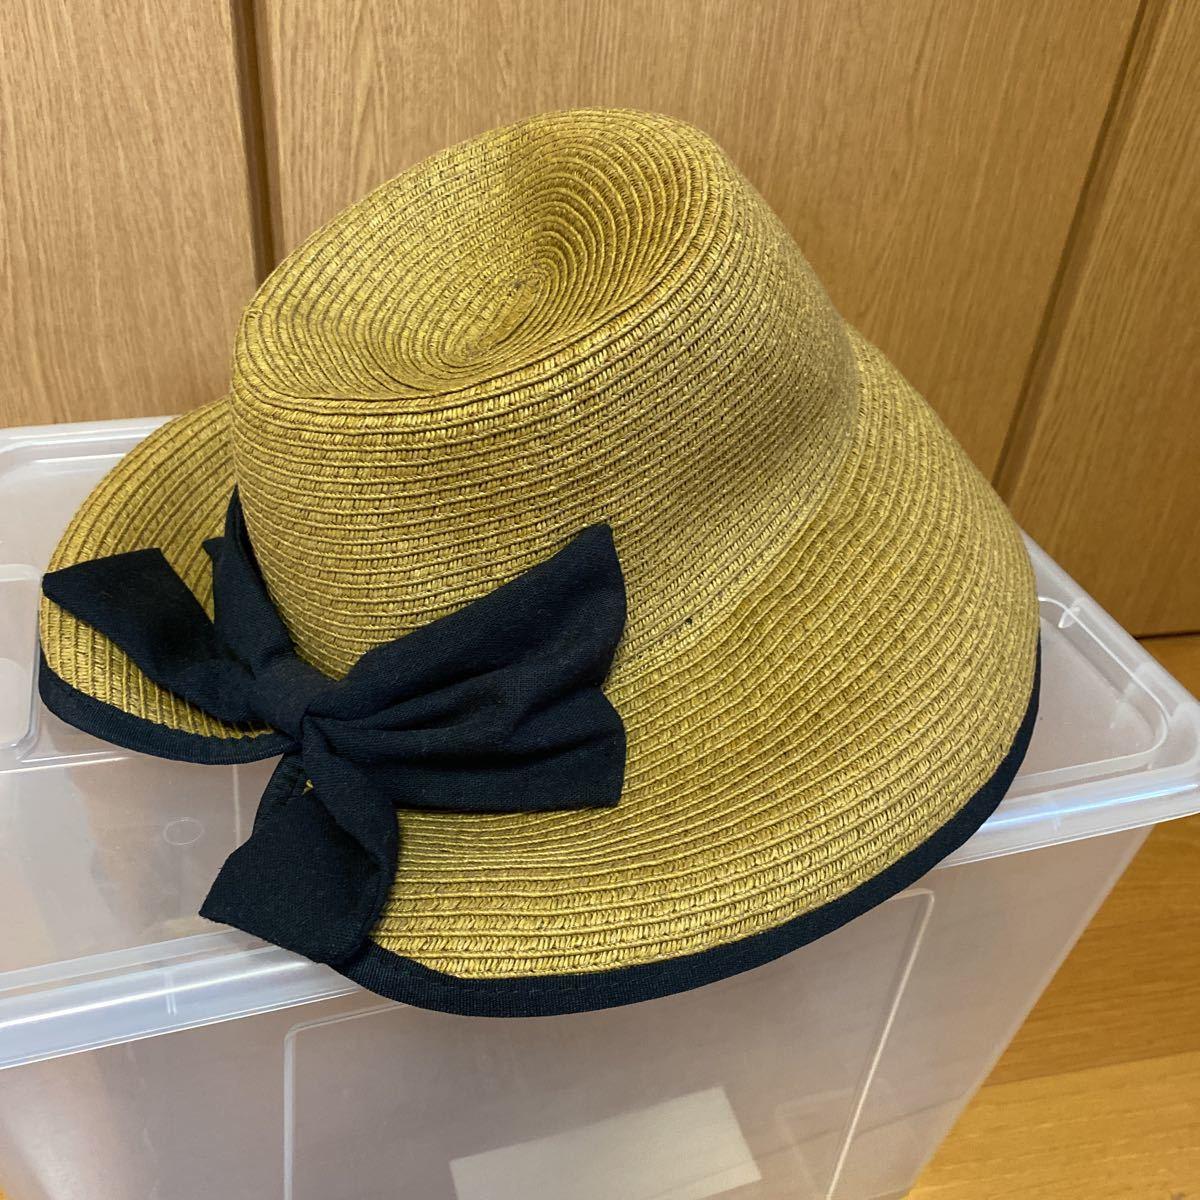 新品・未使用★レイビームス Ray Beams 帽子 リボン付き麦わら帽子★サイズ57.5㎝_画像1